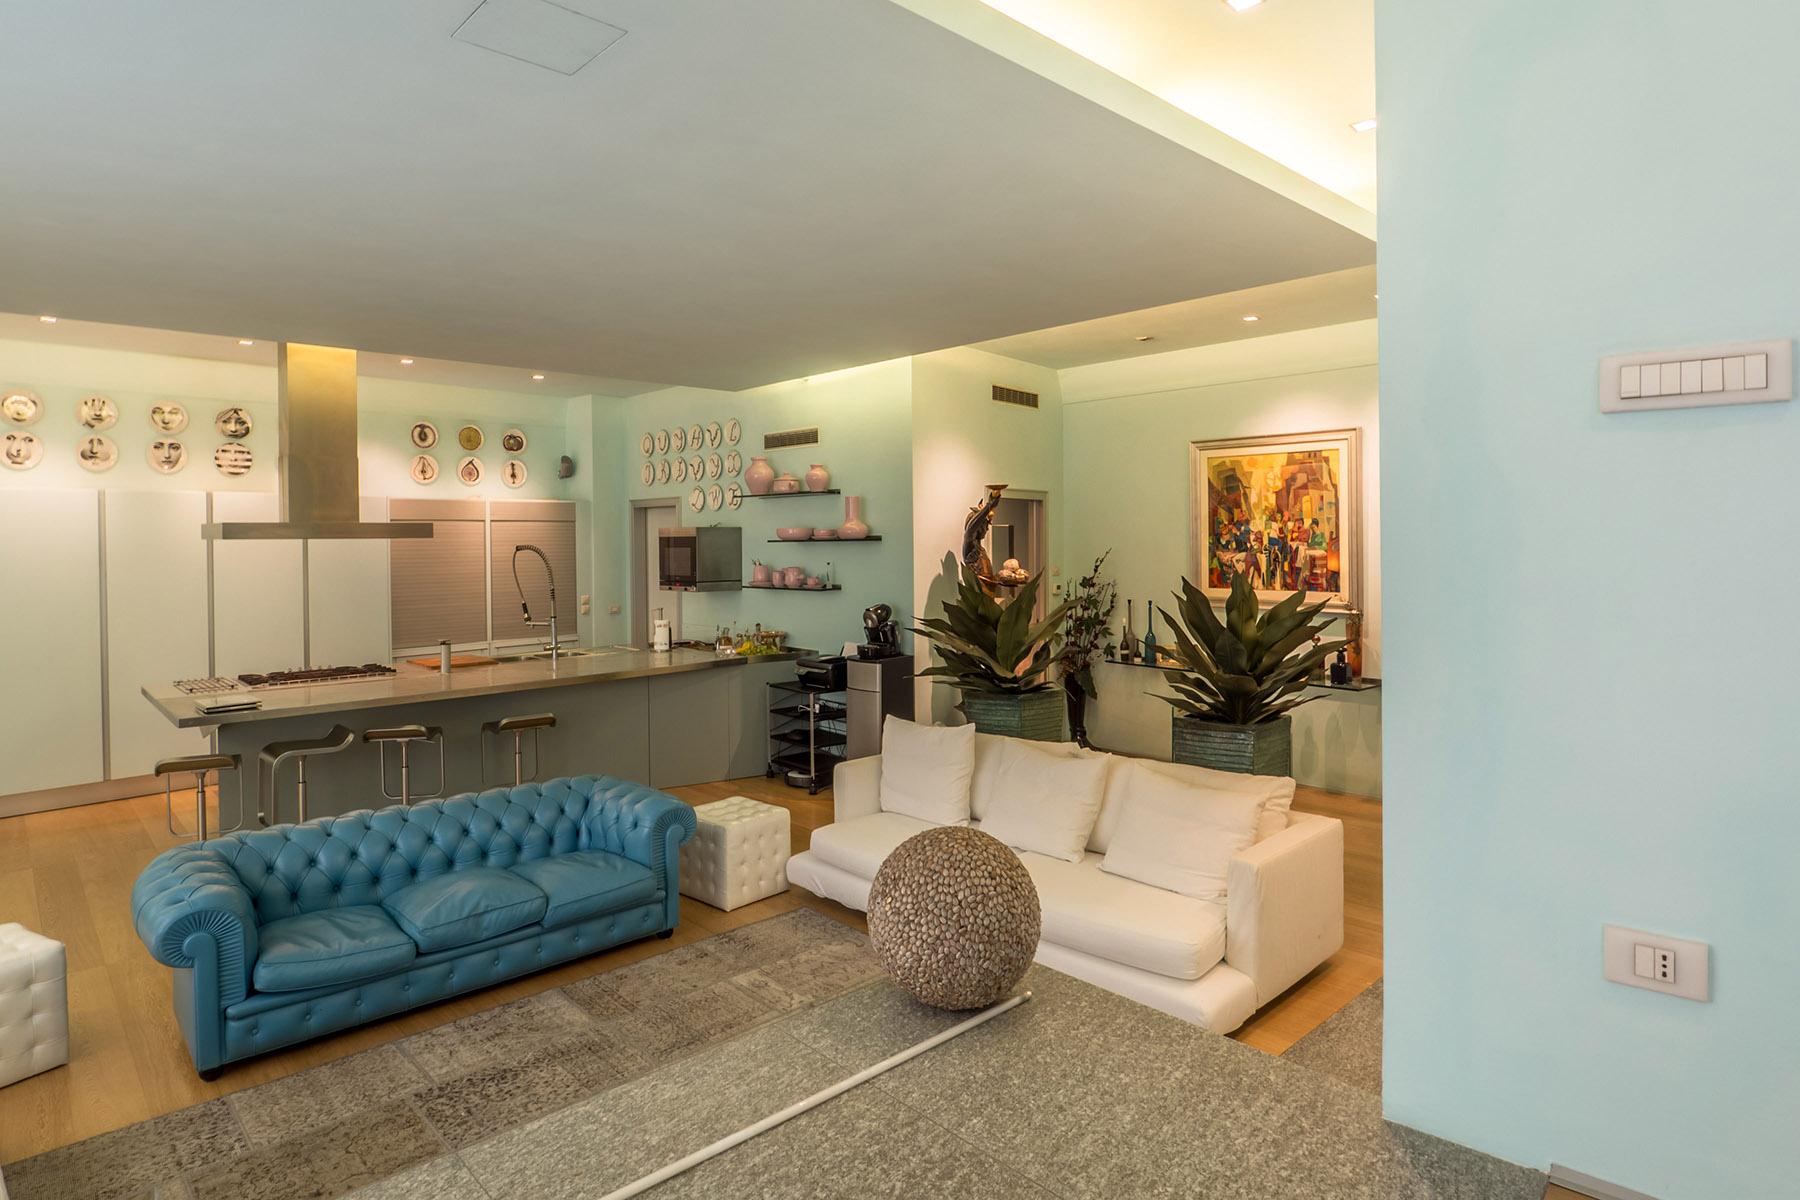 Appartamento in Vendita a Torino: 4 locali, 148 mq - Foto 3